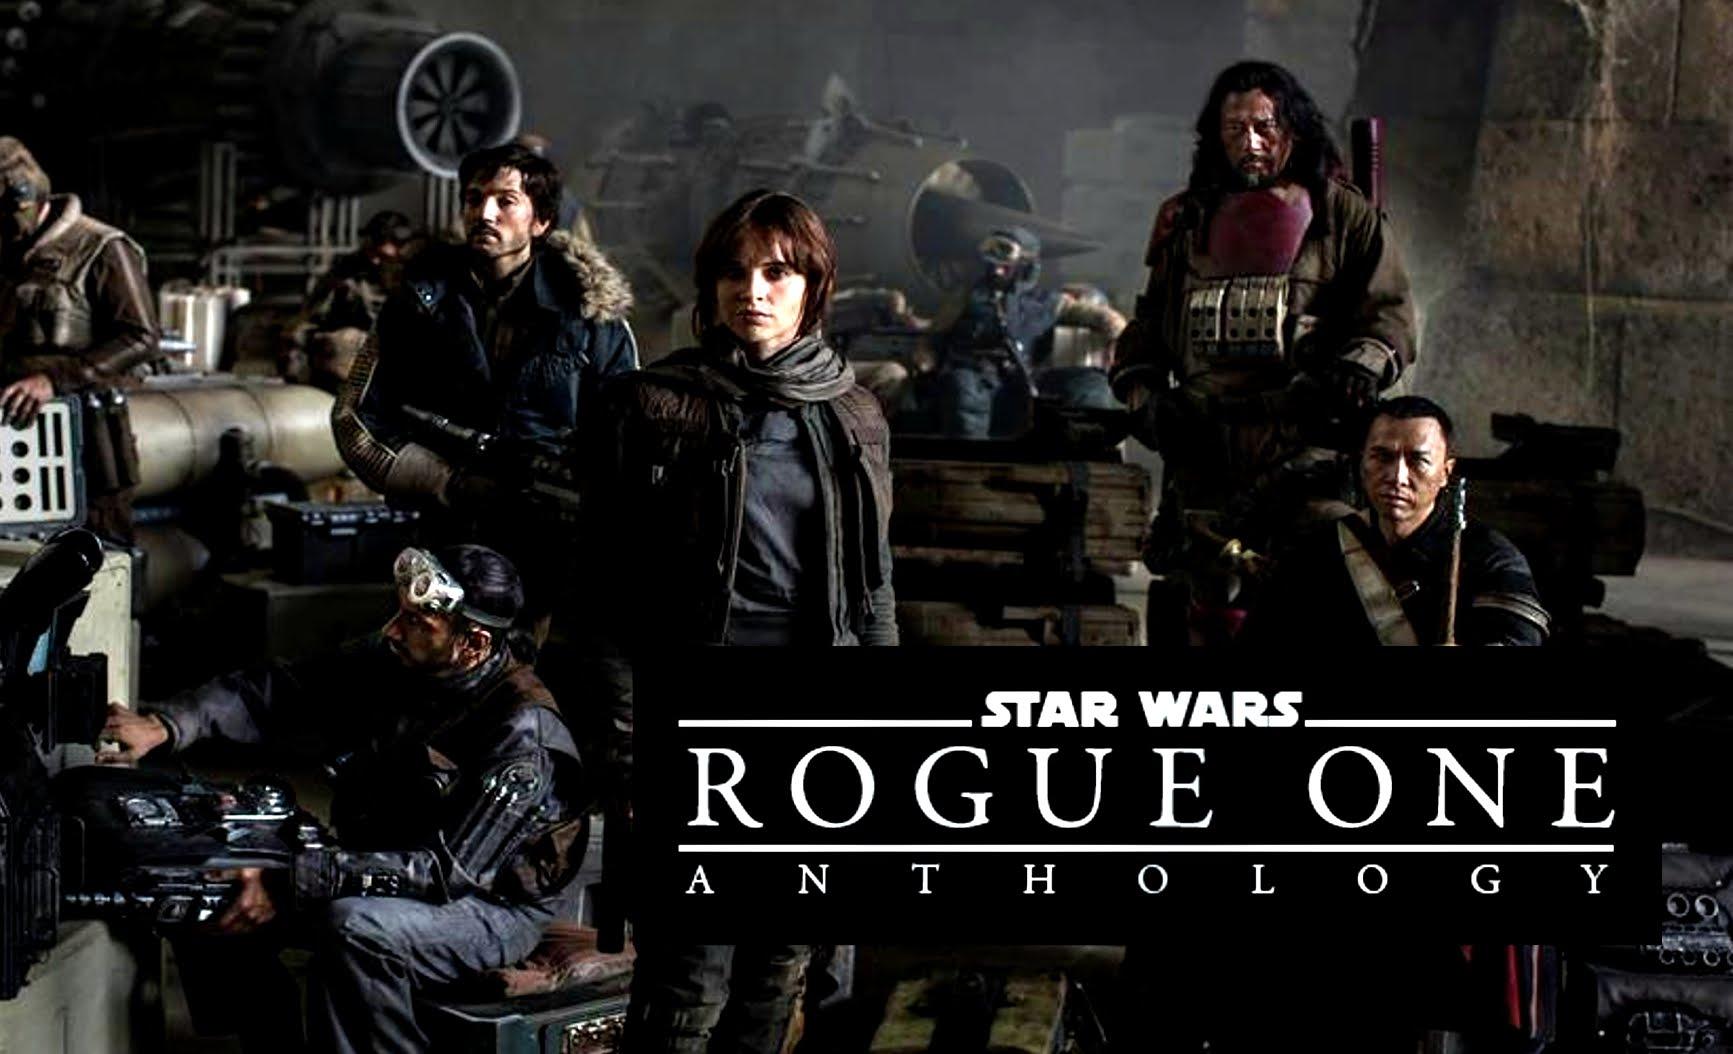 rogue-one-3-www-culturageek-com-ar